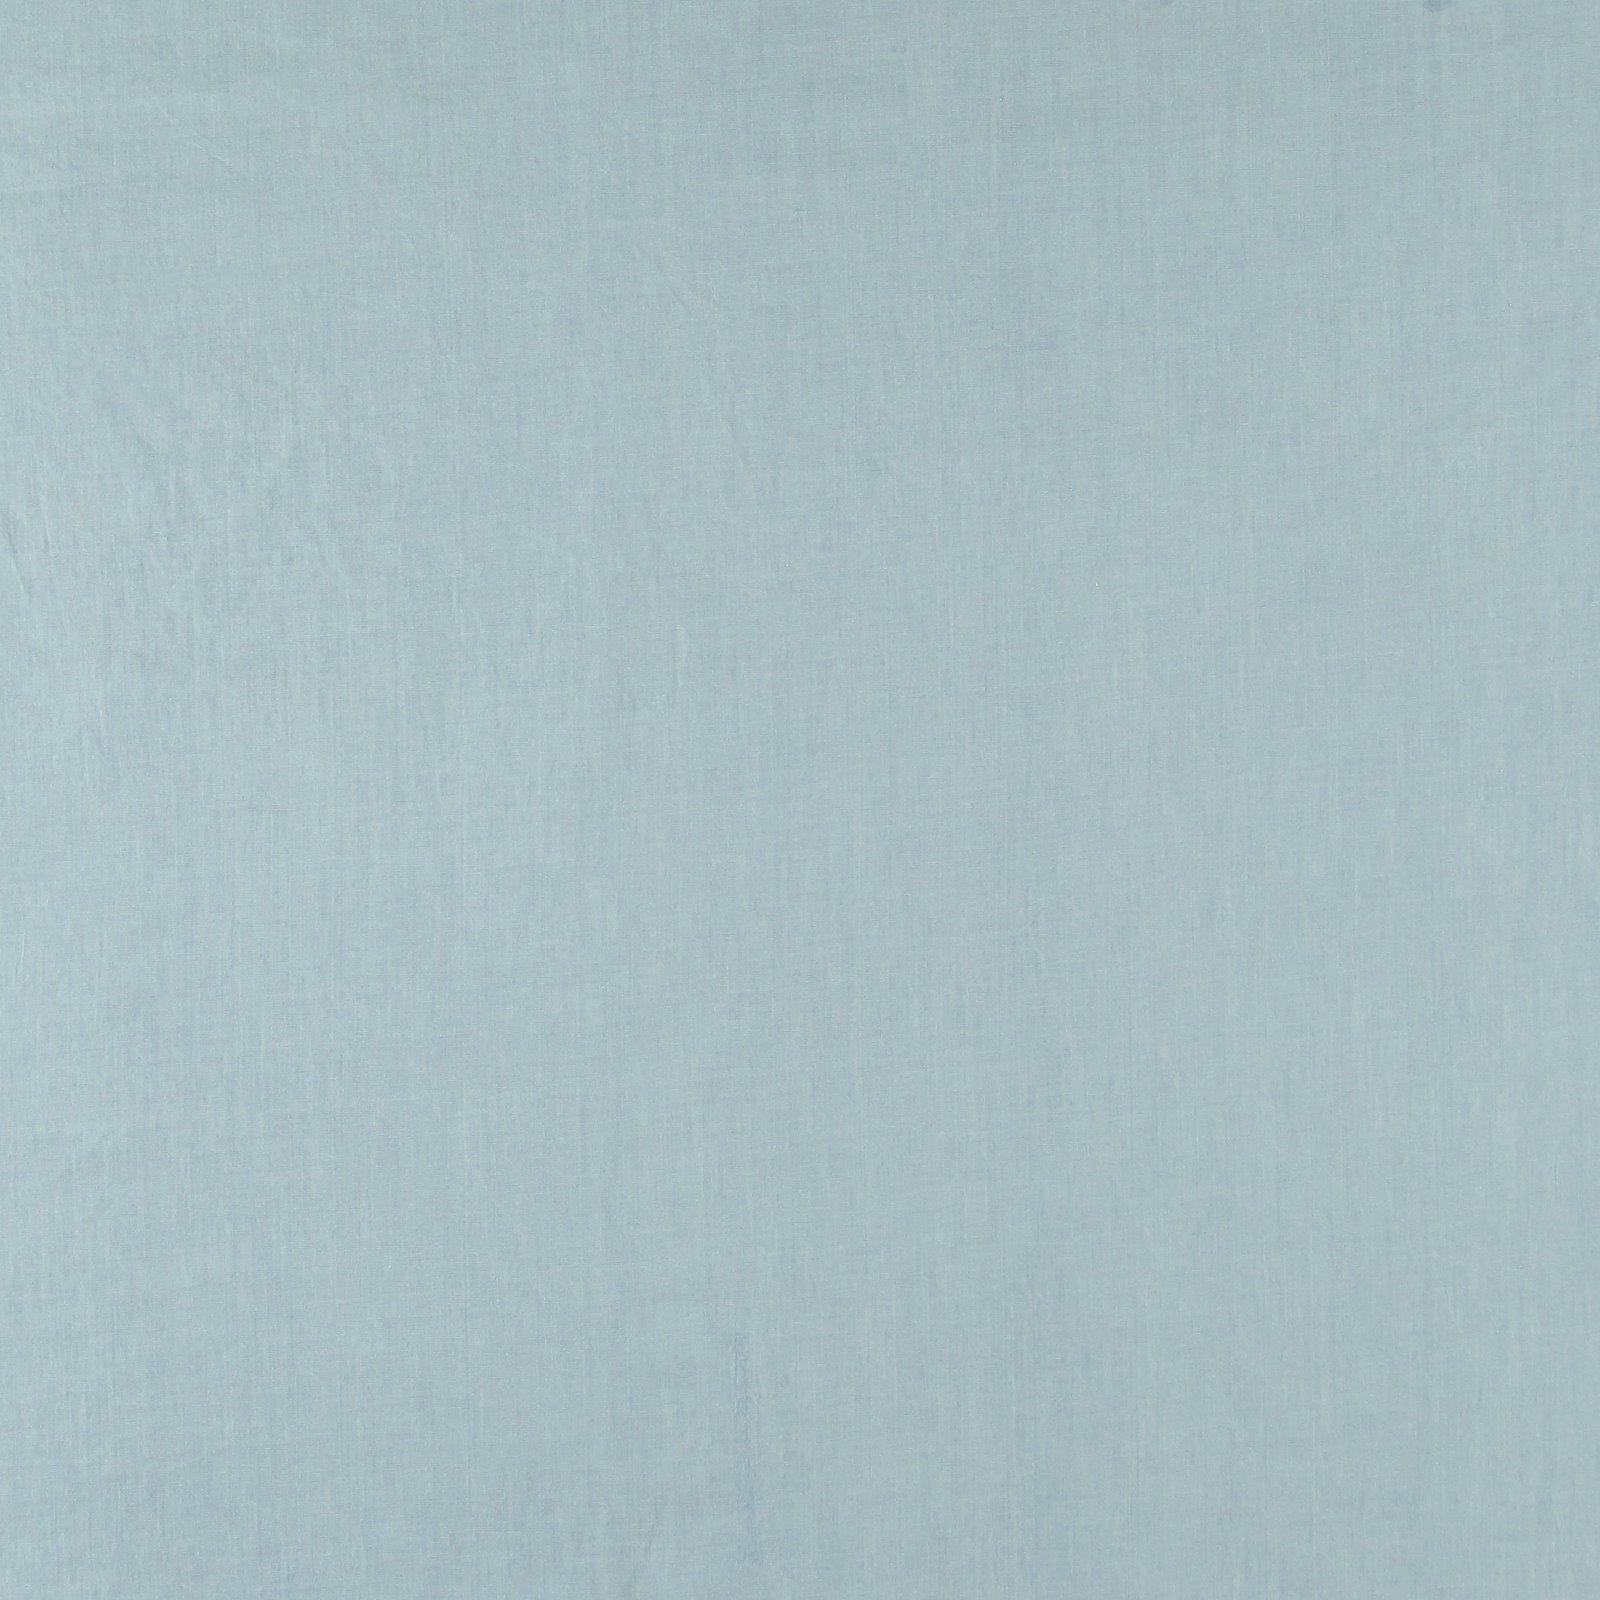 Denim light blue 4,5 oz 400312_pack_sp